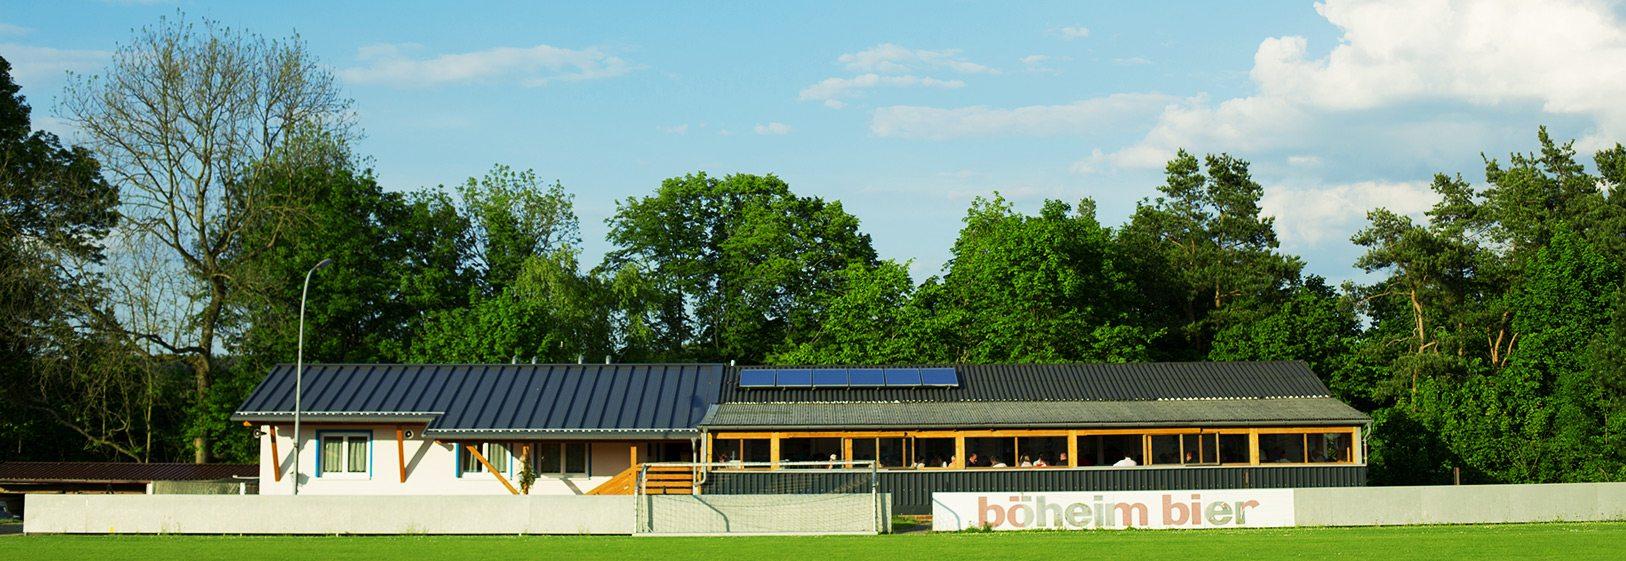 FC Pegnitz Sportheim